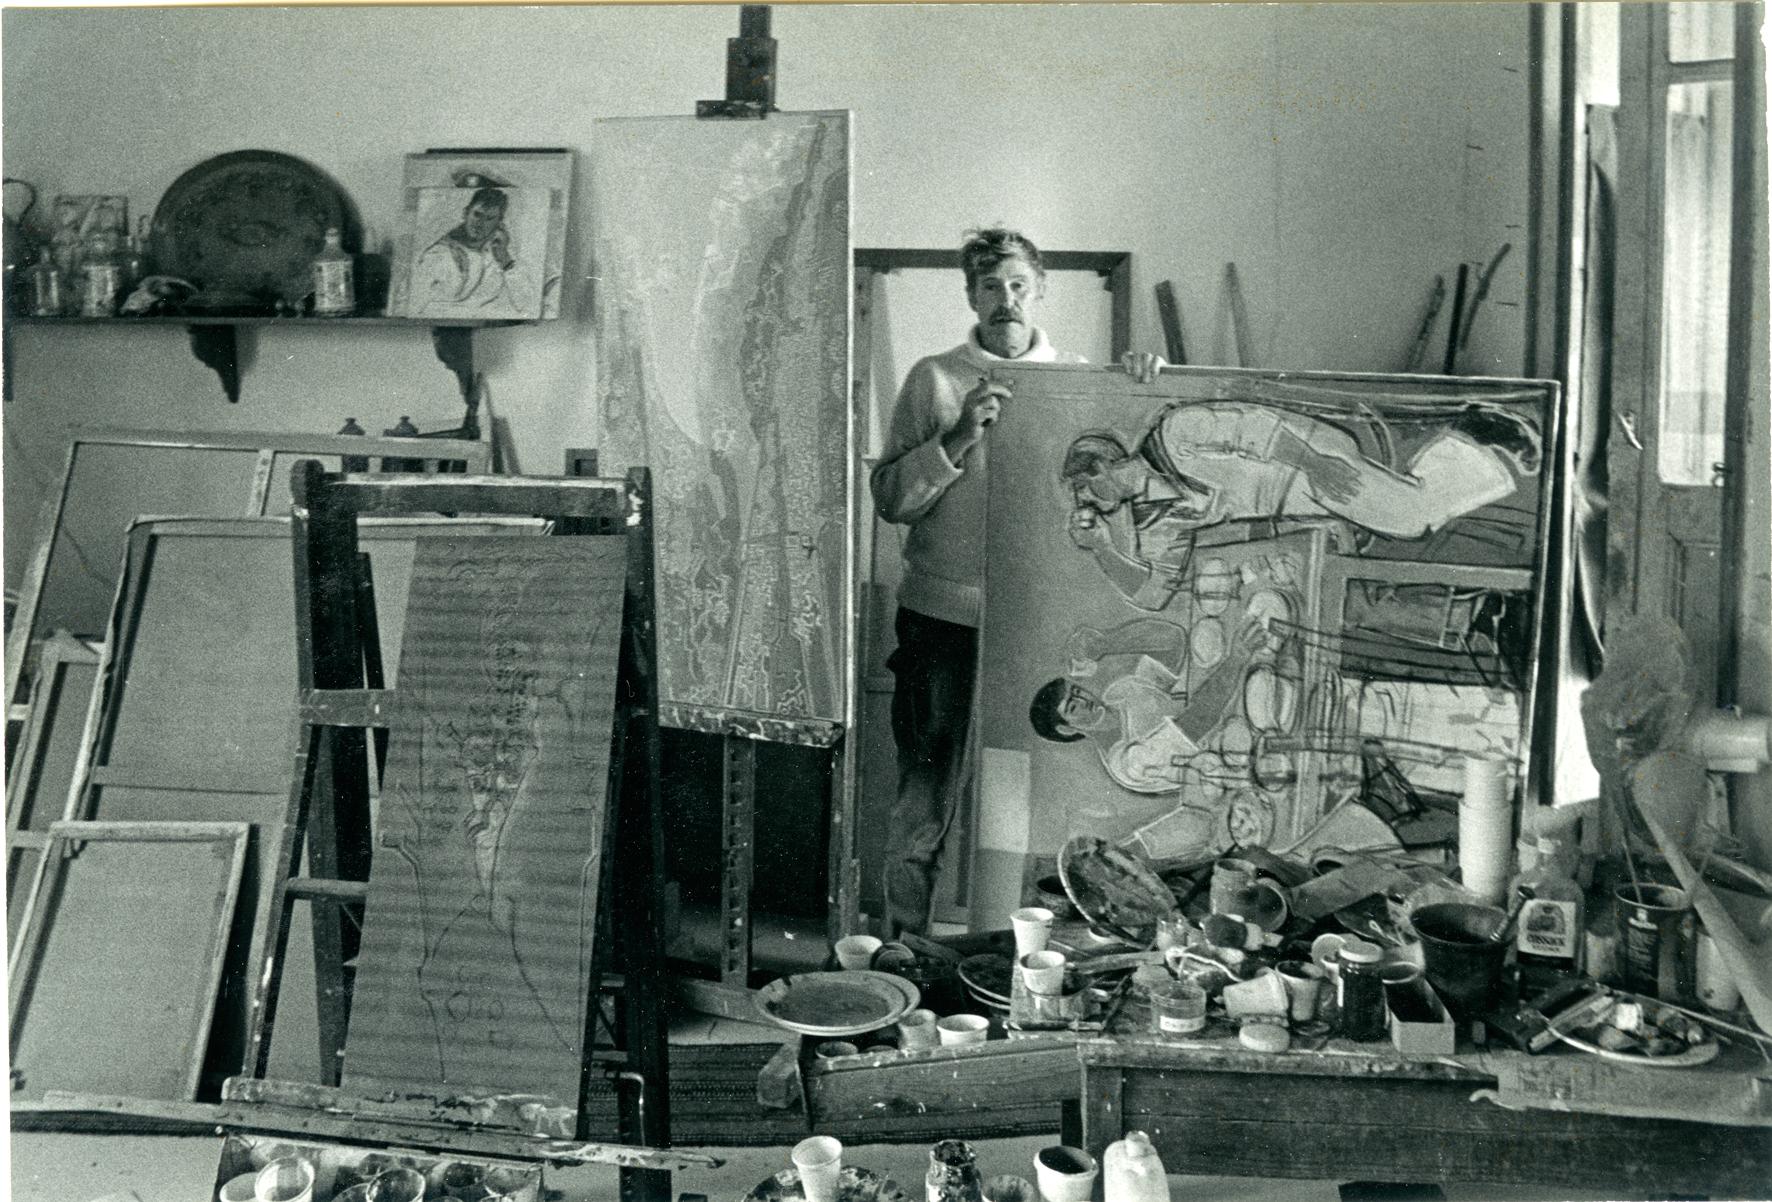 Ο John Craxton στο ατελιέ του στην Κρήτη, 1983 Φωτογραφία: Rene Groebli, Από το άλμπουμ του καλλιτέχνη, Craxton Estate, Λονδίνο